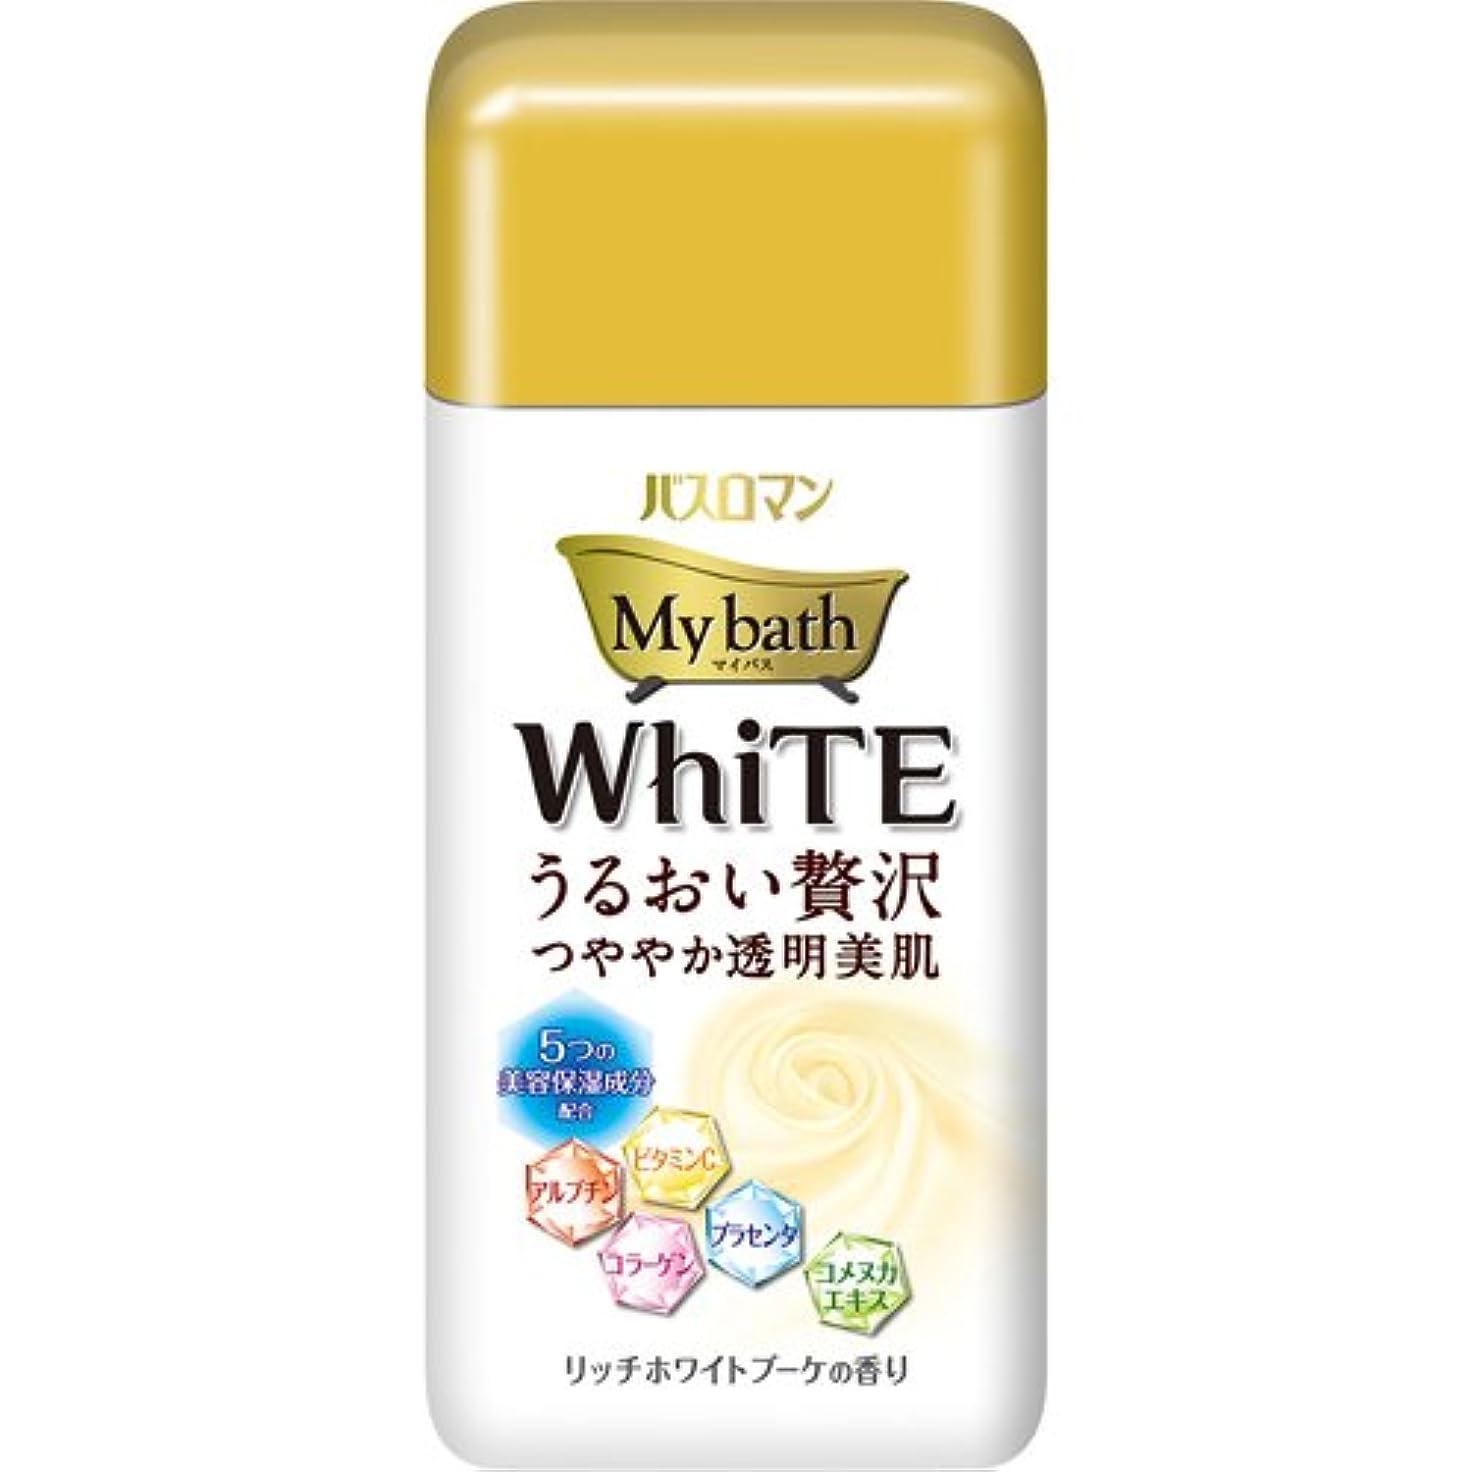 繊細達成する汚いバスロマンマイバスホワイト 600g